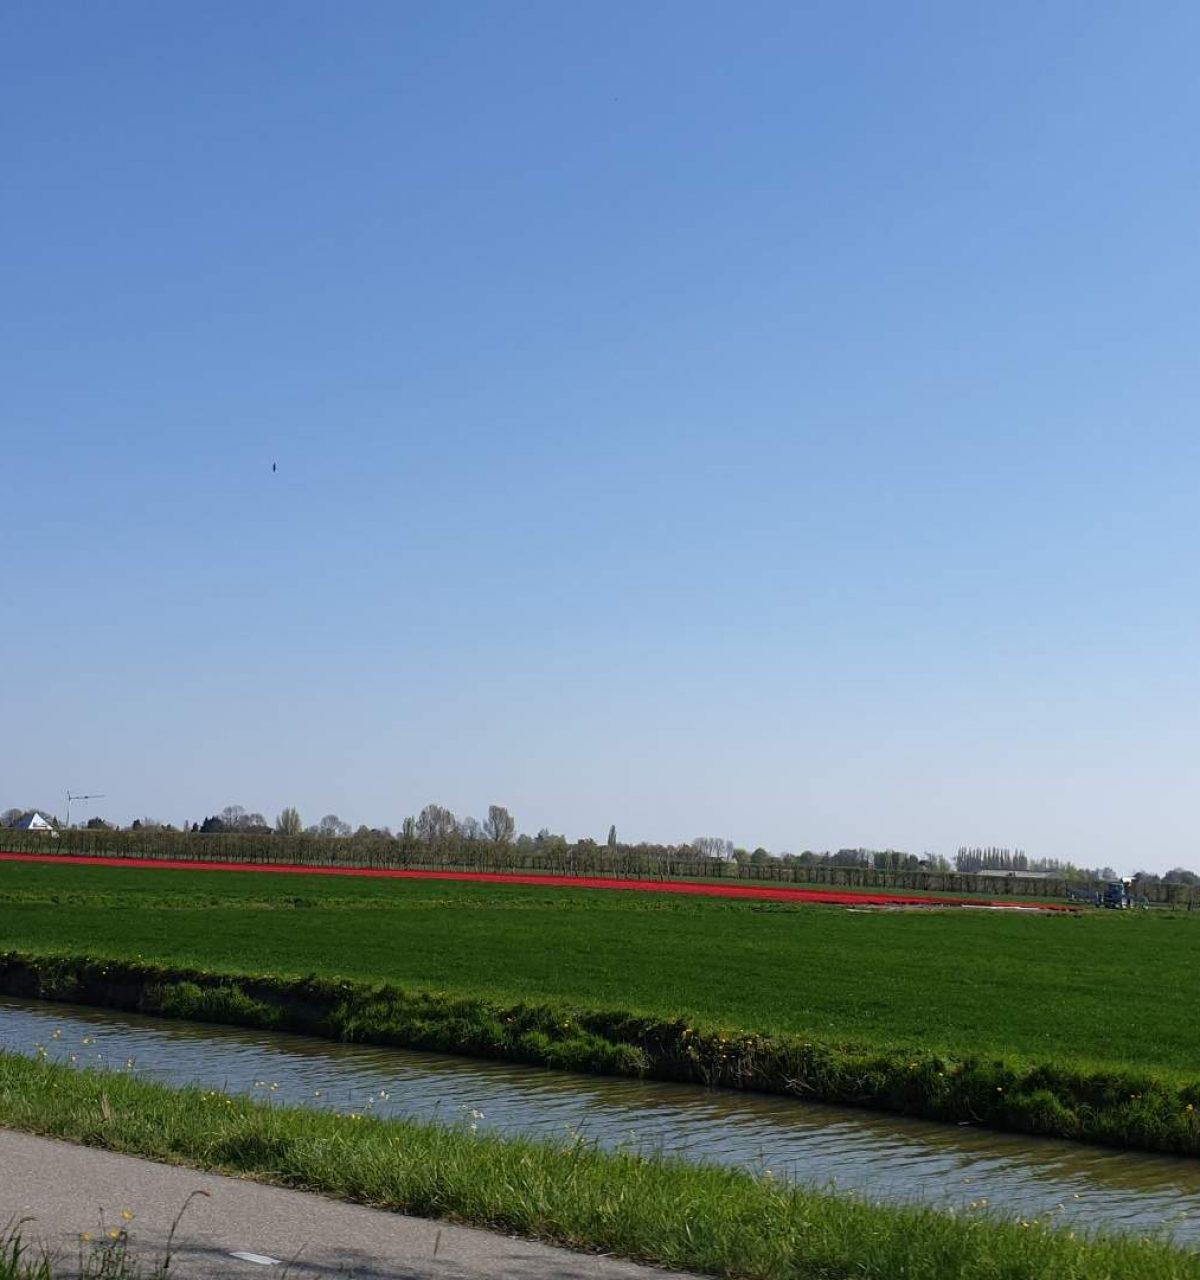 westwoud natuur in noord holland waterrijke omgeving29